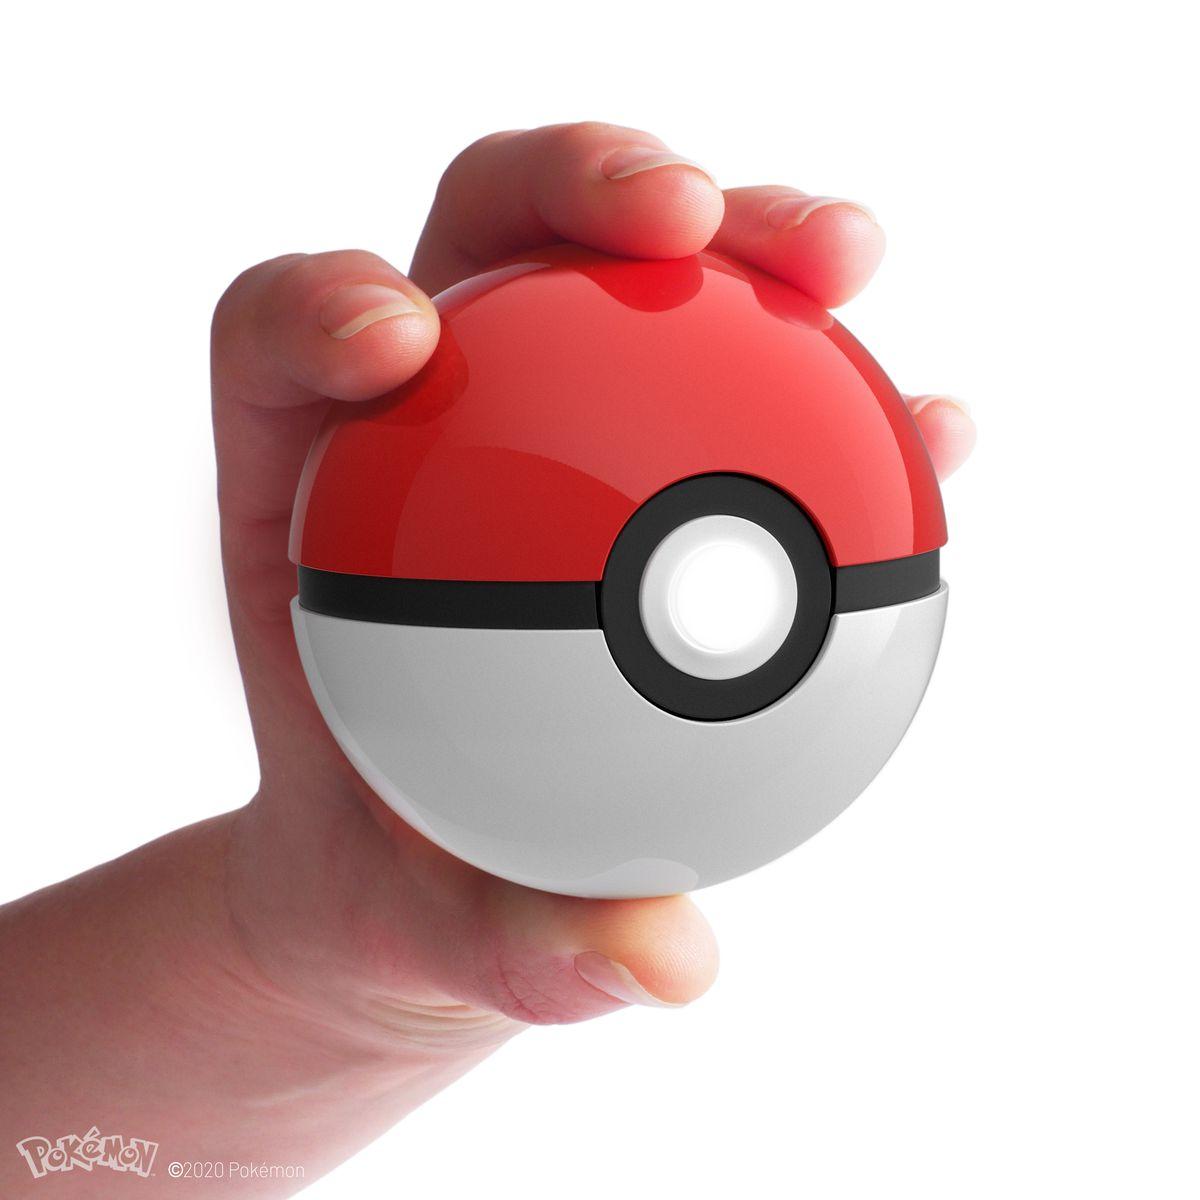 A hand holds a replica Poké Ball